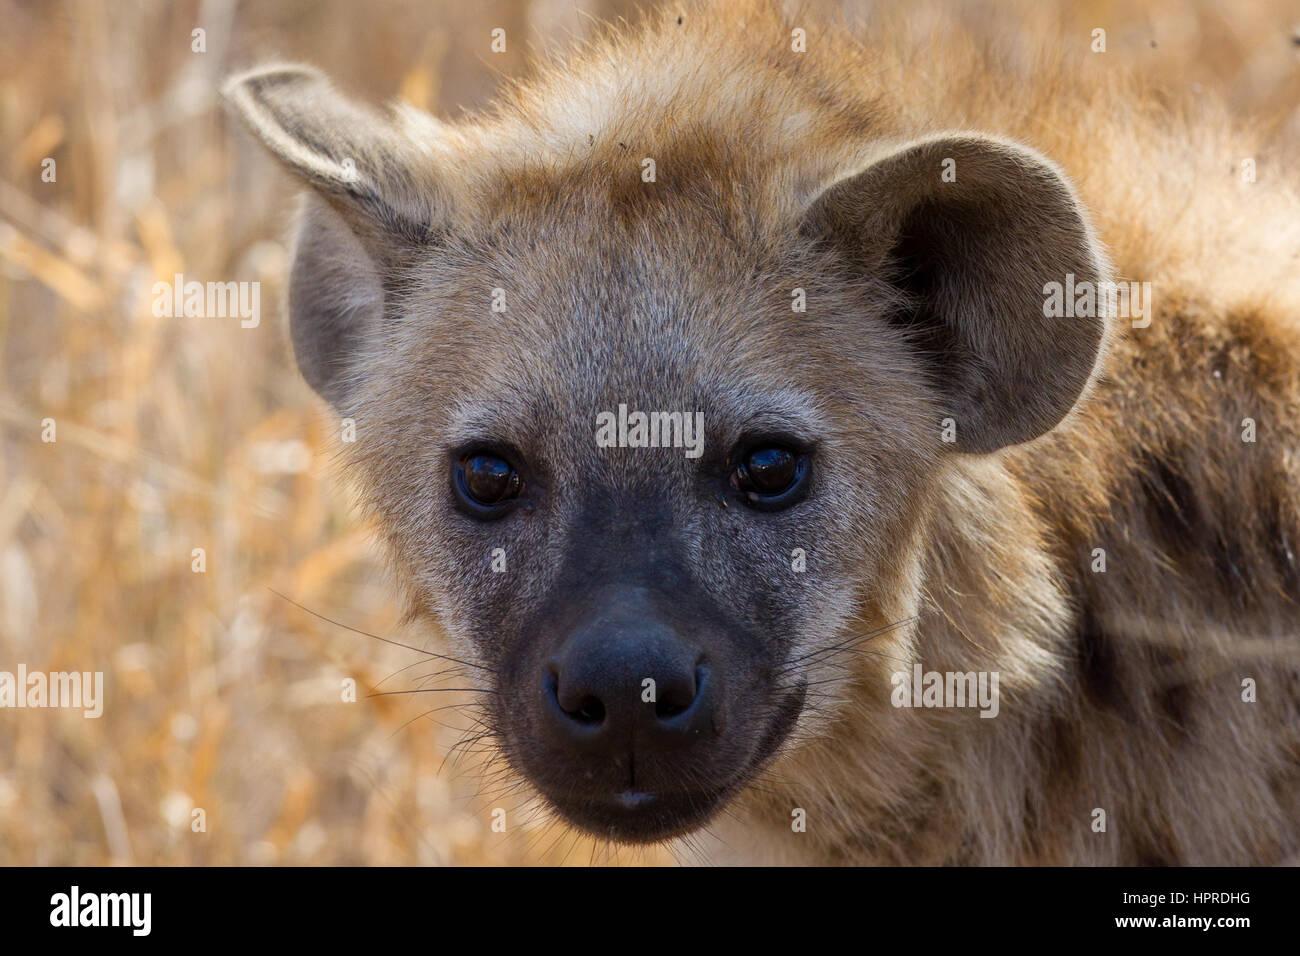 Avvistato iena sono tra il prominente la fauna del Parco Nazionale di Kruger, Sud Africa. Immagini Stock